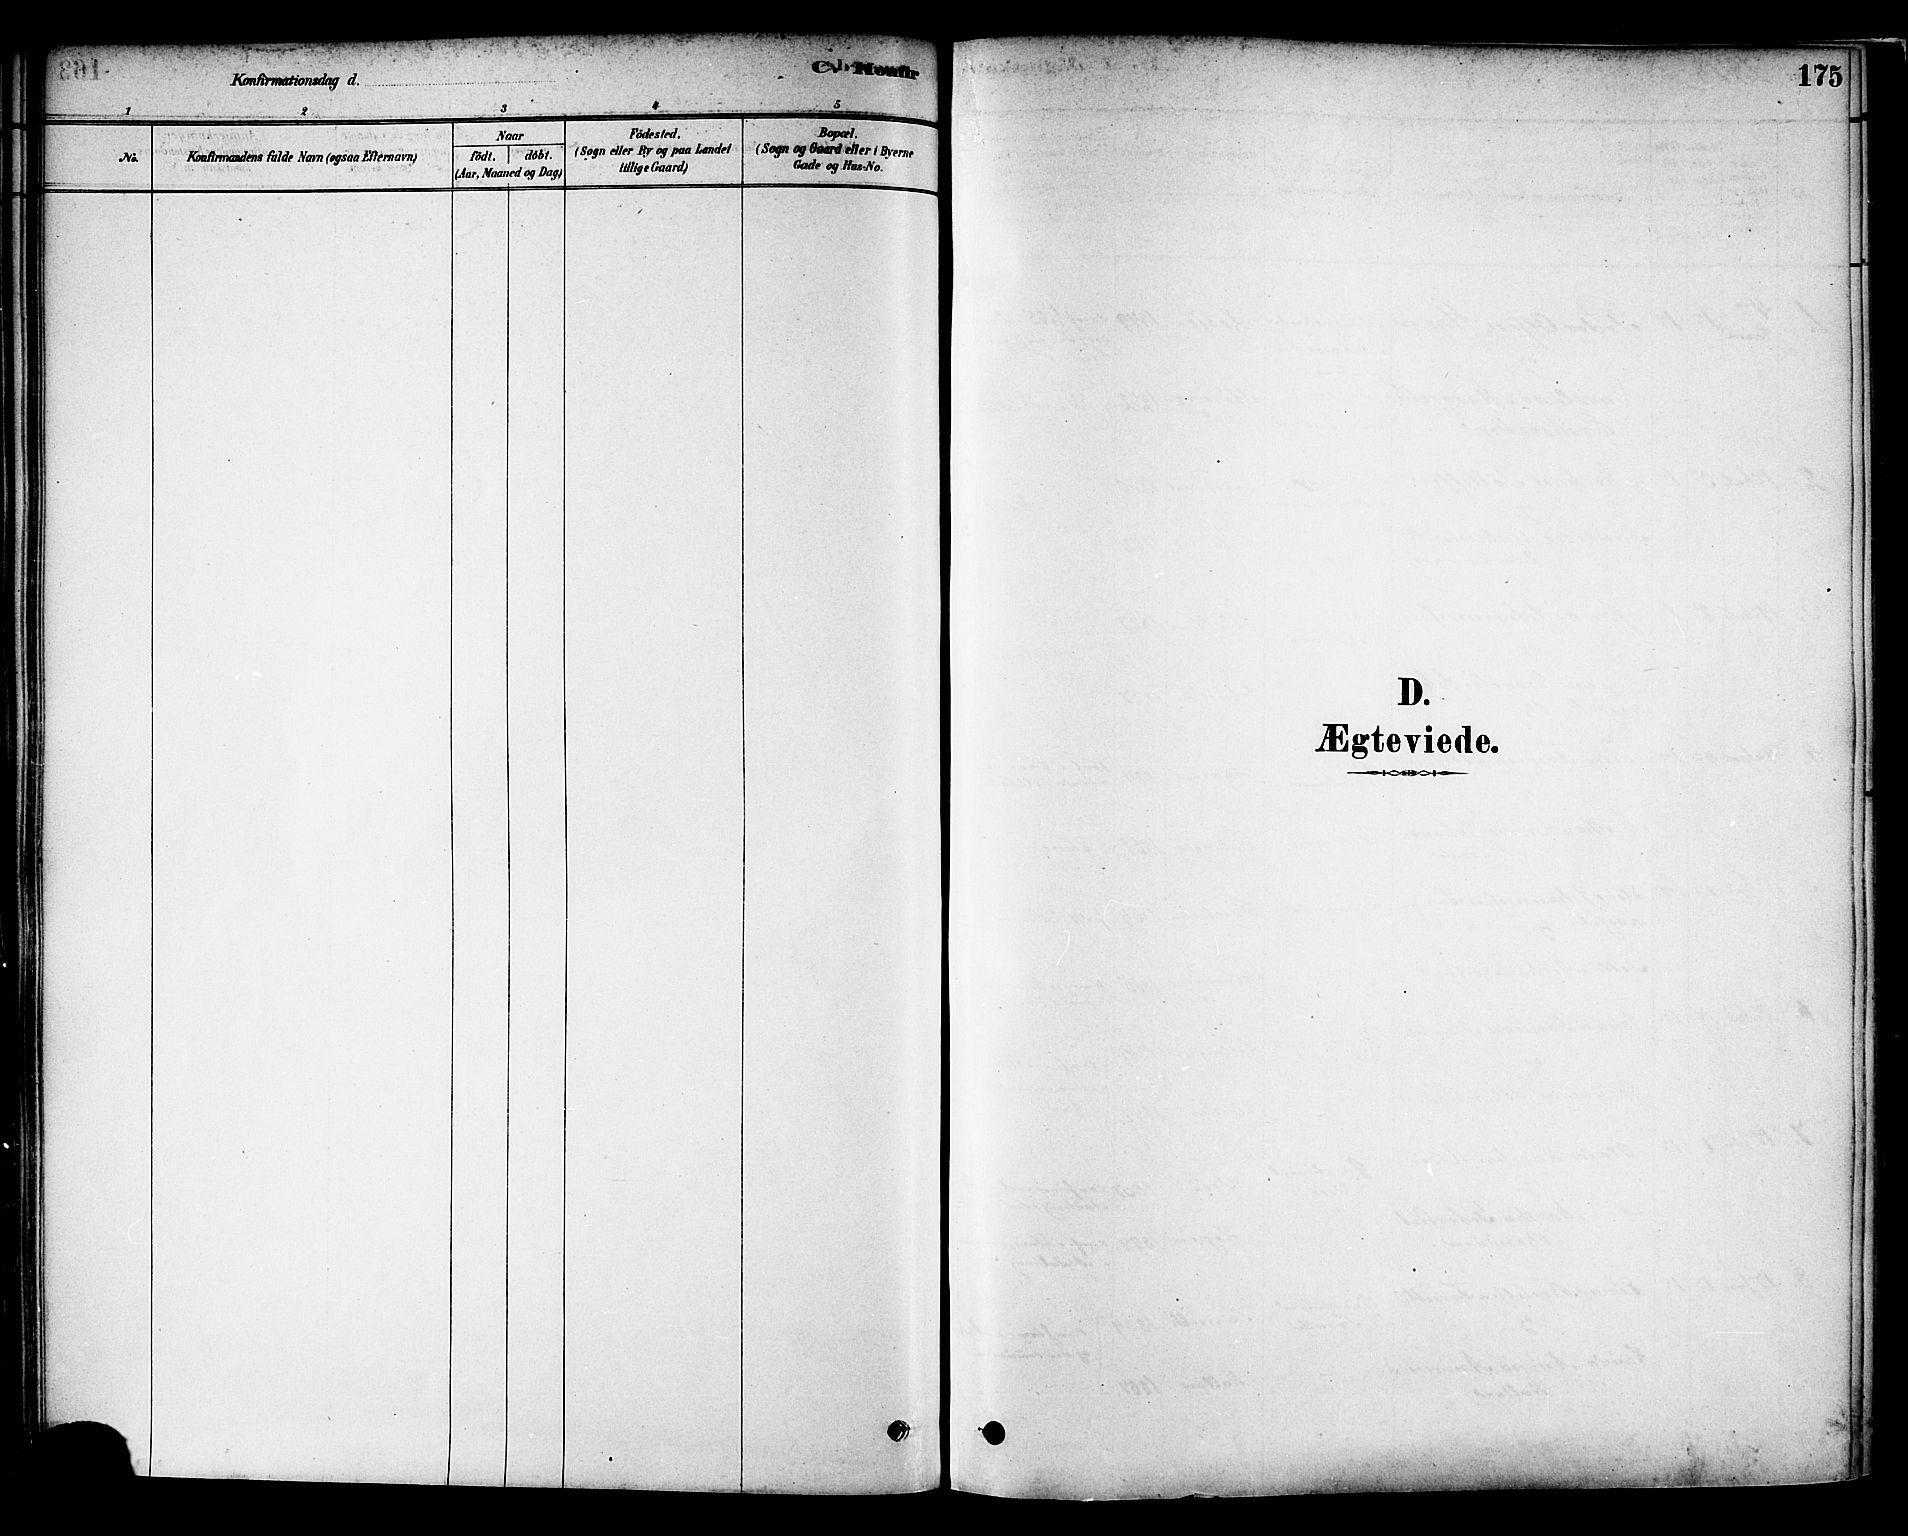 SAT, Ministerialprotokoller, klokkerbøker og fødselsregistre - Nord-Trøndelag, 717/L0159: Ministerialbok nr. 717A09, 1878-1898, s. 175